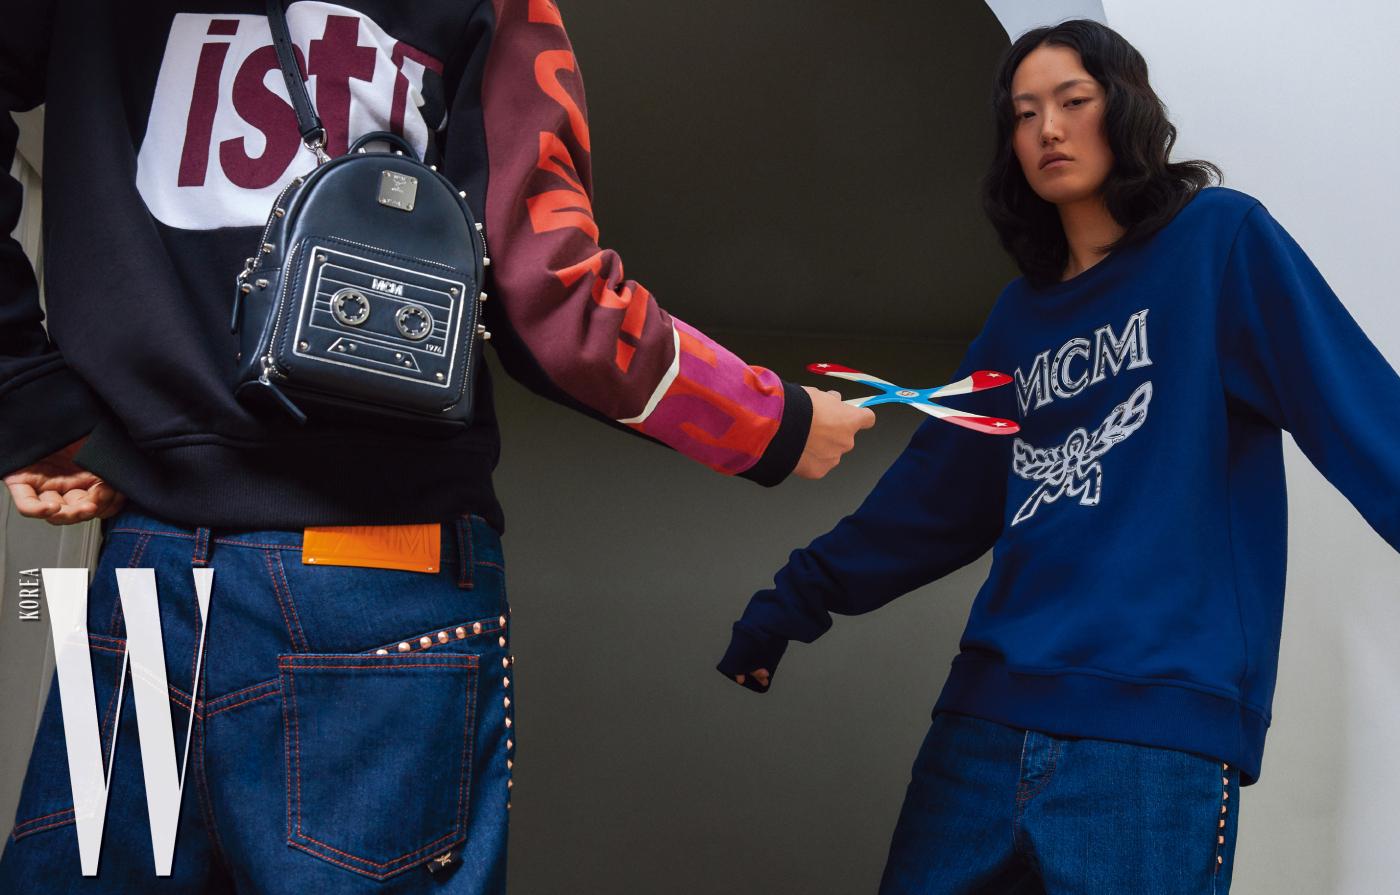 주노가 입은 후디 집업과 스터드 장식 데님 팬츠, 카세트 모양의 백팩, 이혜승이 입은 로고 스웨트셔츠와 데님 팬츠는 모두 MCM 제품.